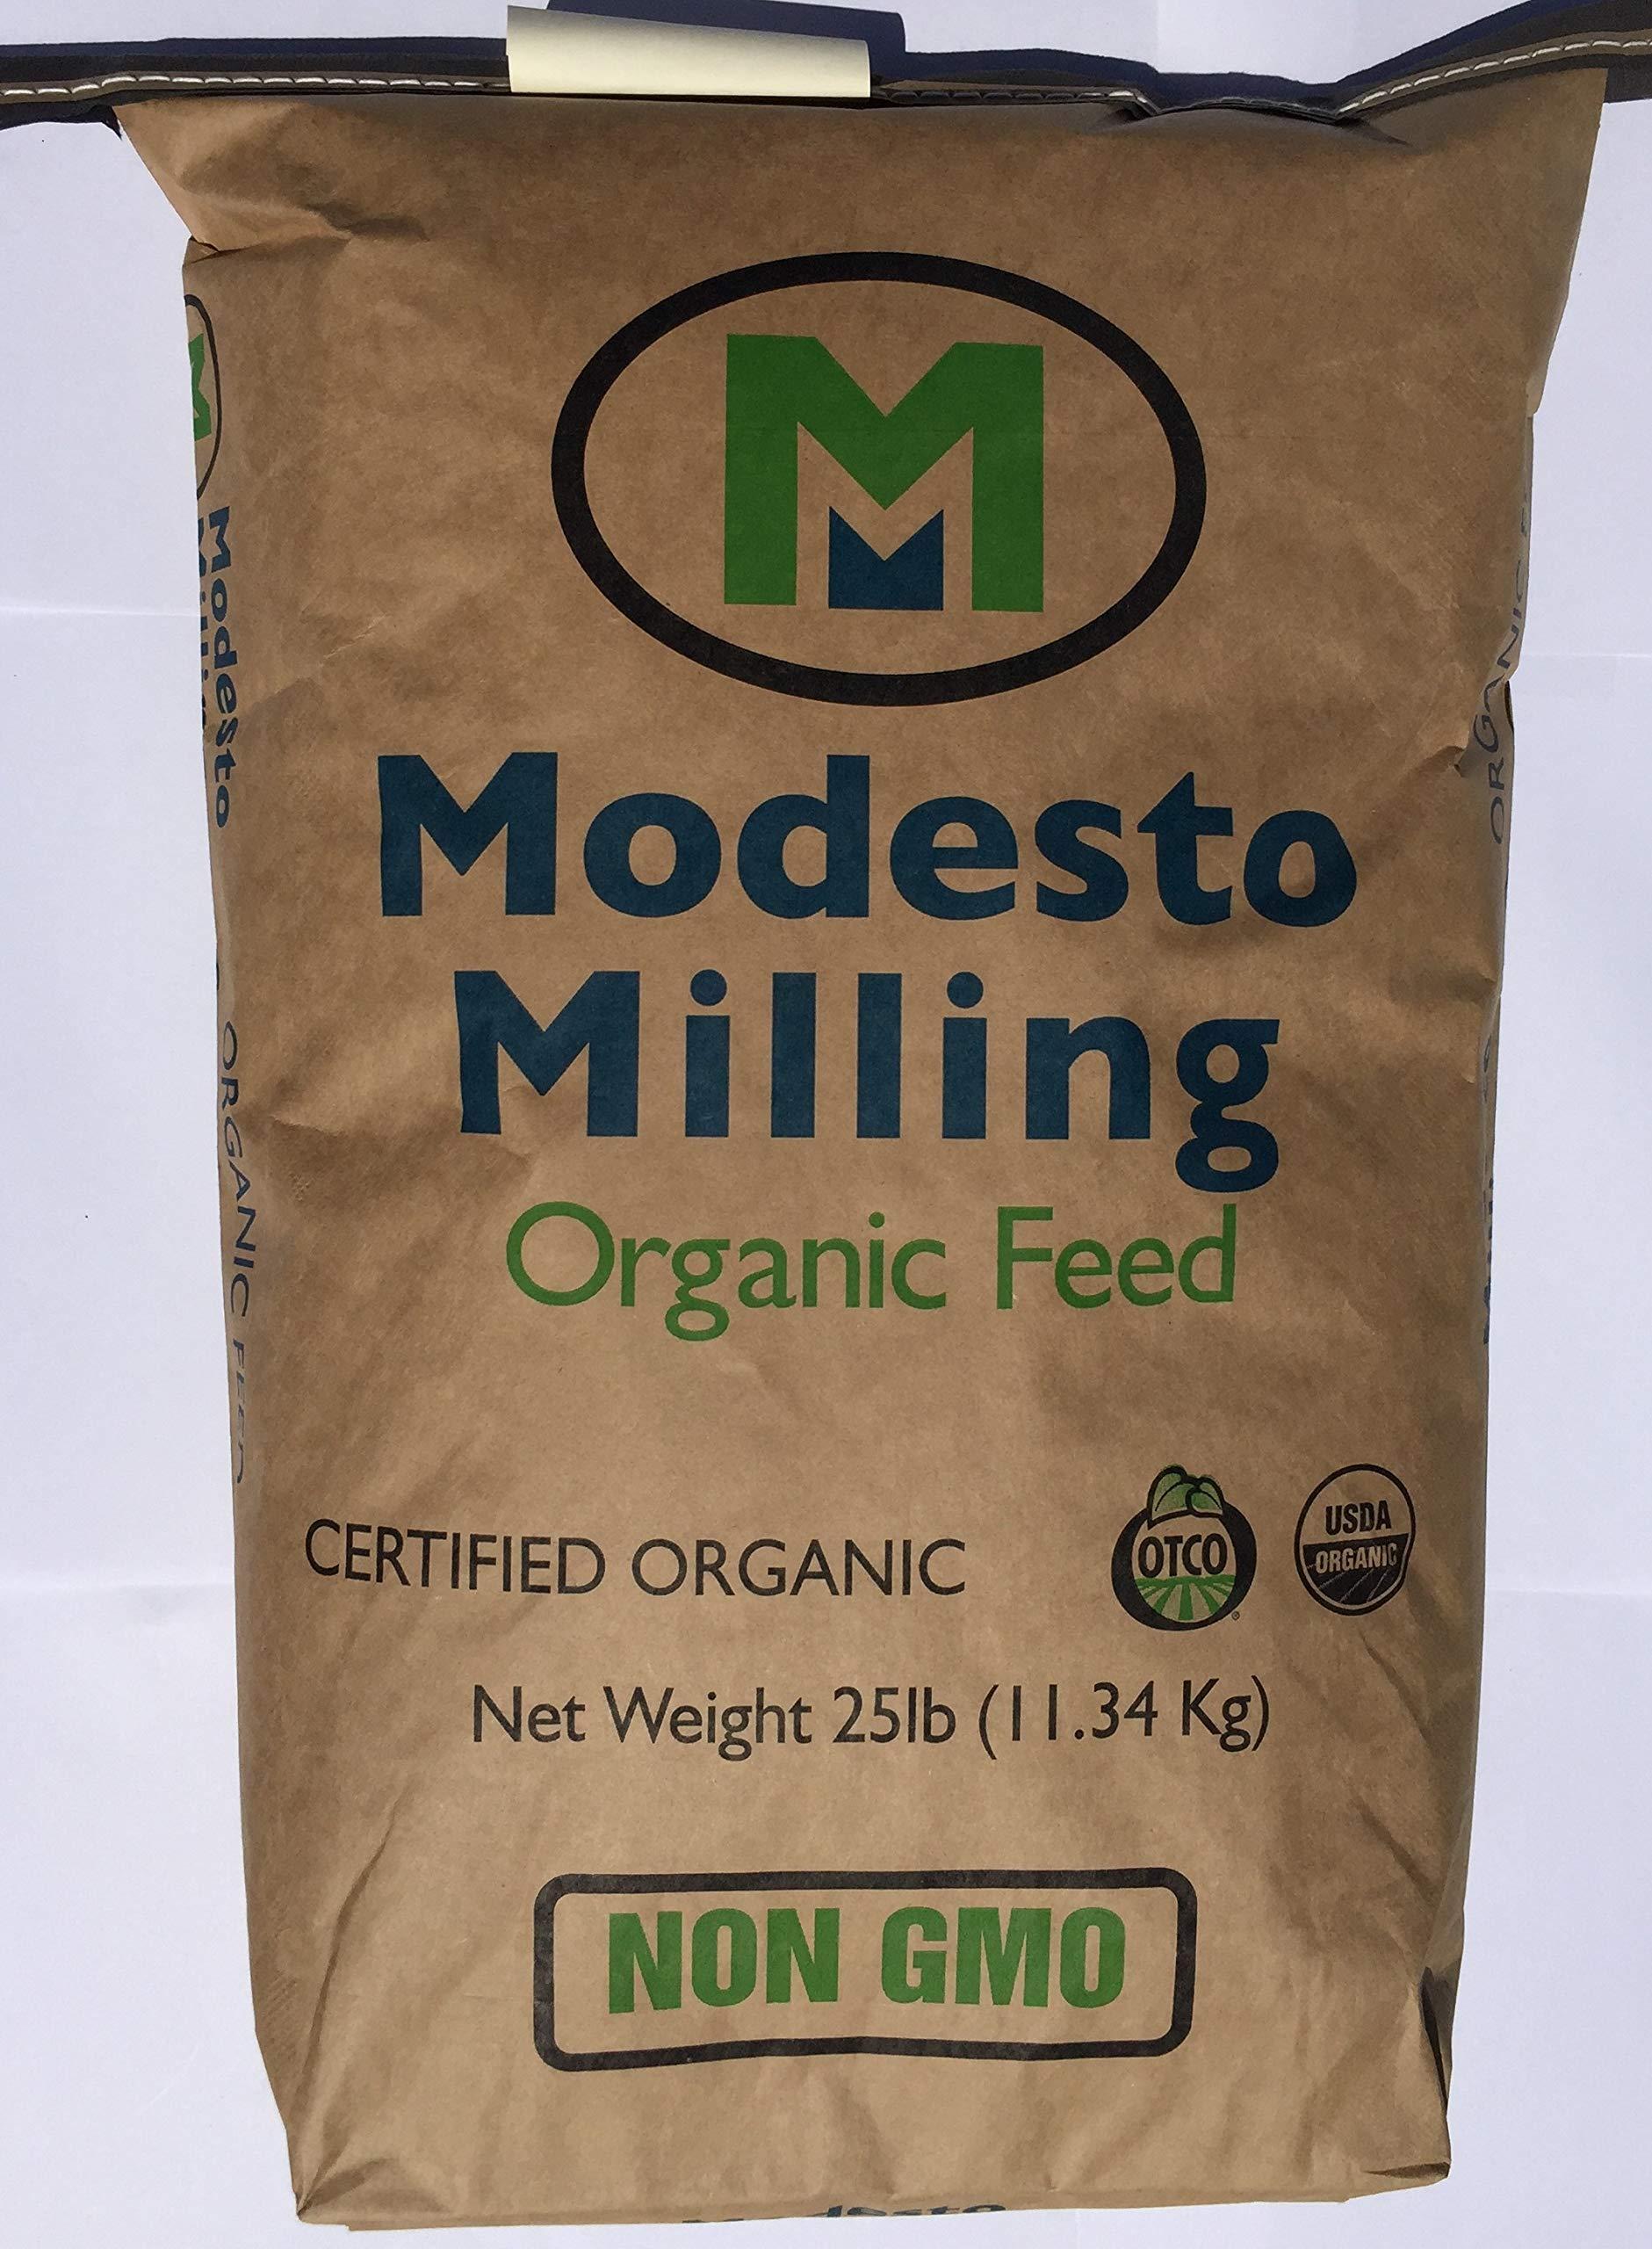 Modesto Milling Organic, Non GMO Rabbit & Chinchilla Pellets, 25 lbs; Item# 5044